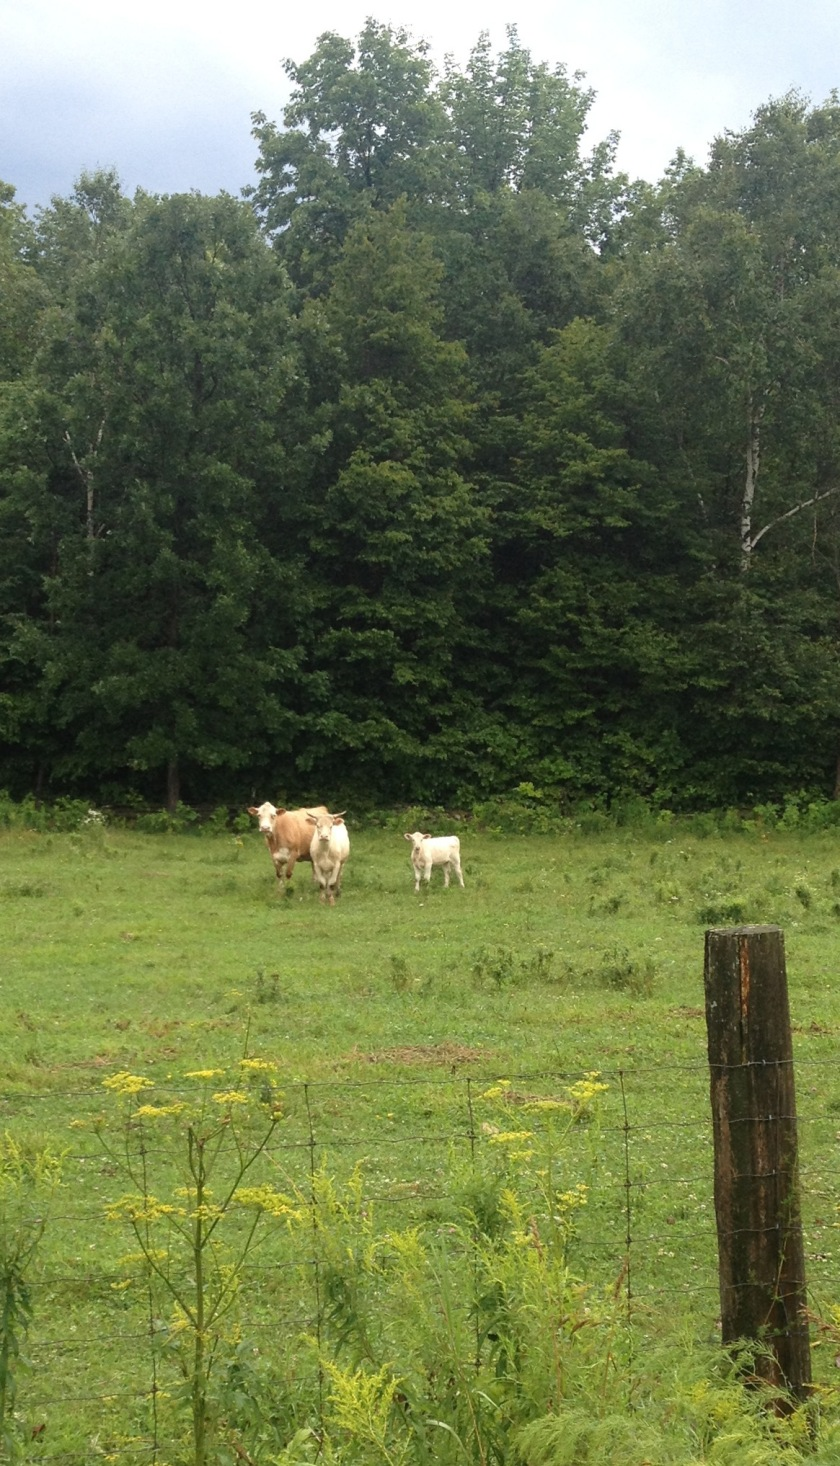 Befuddled bovines